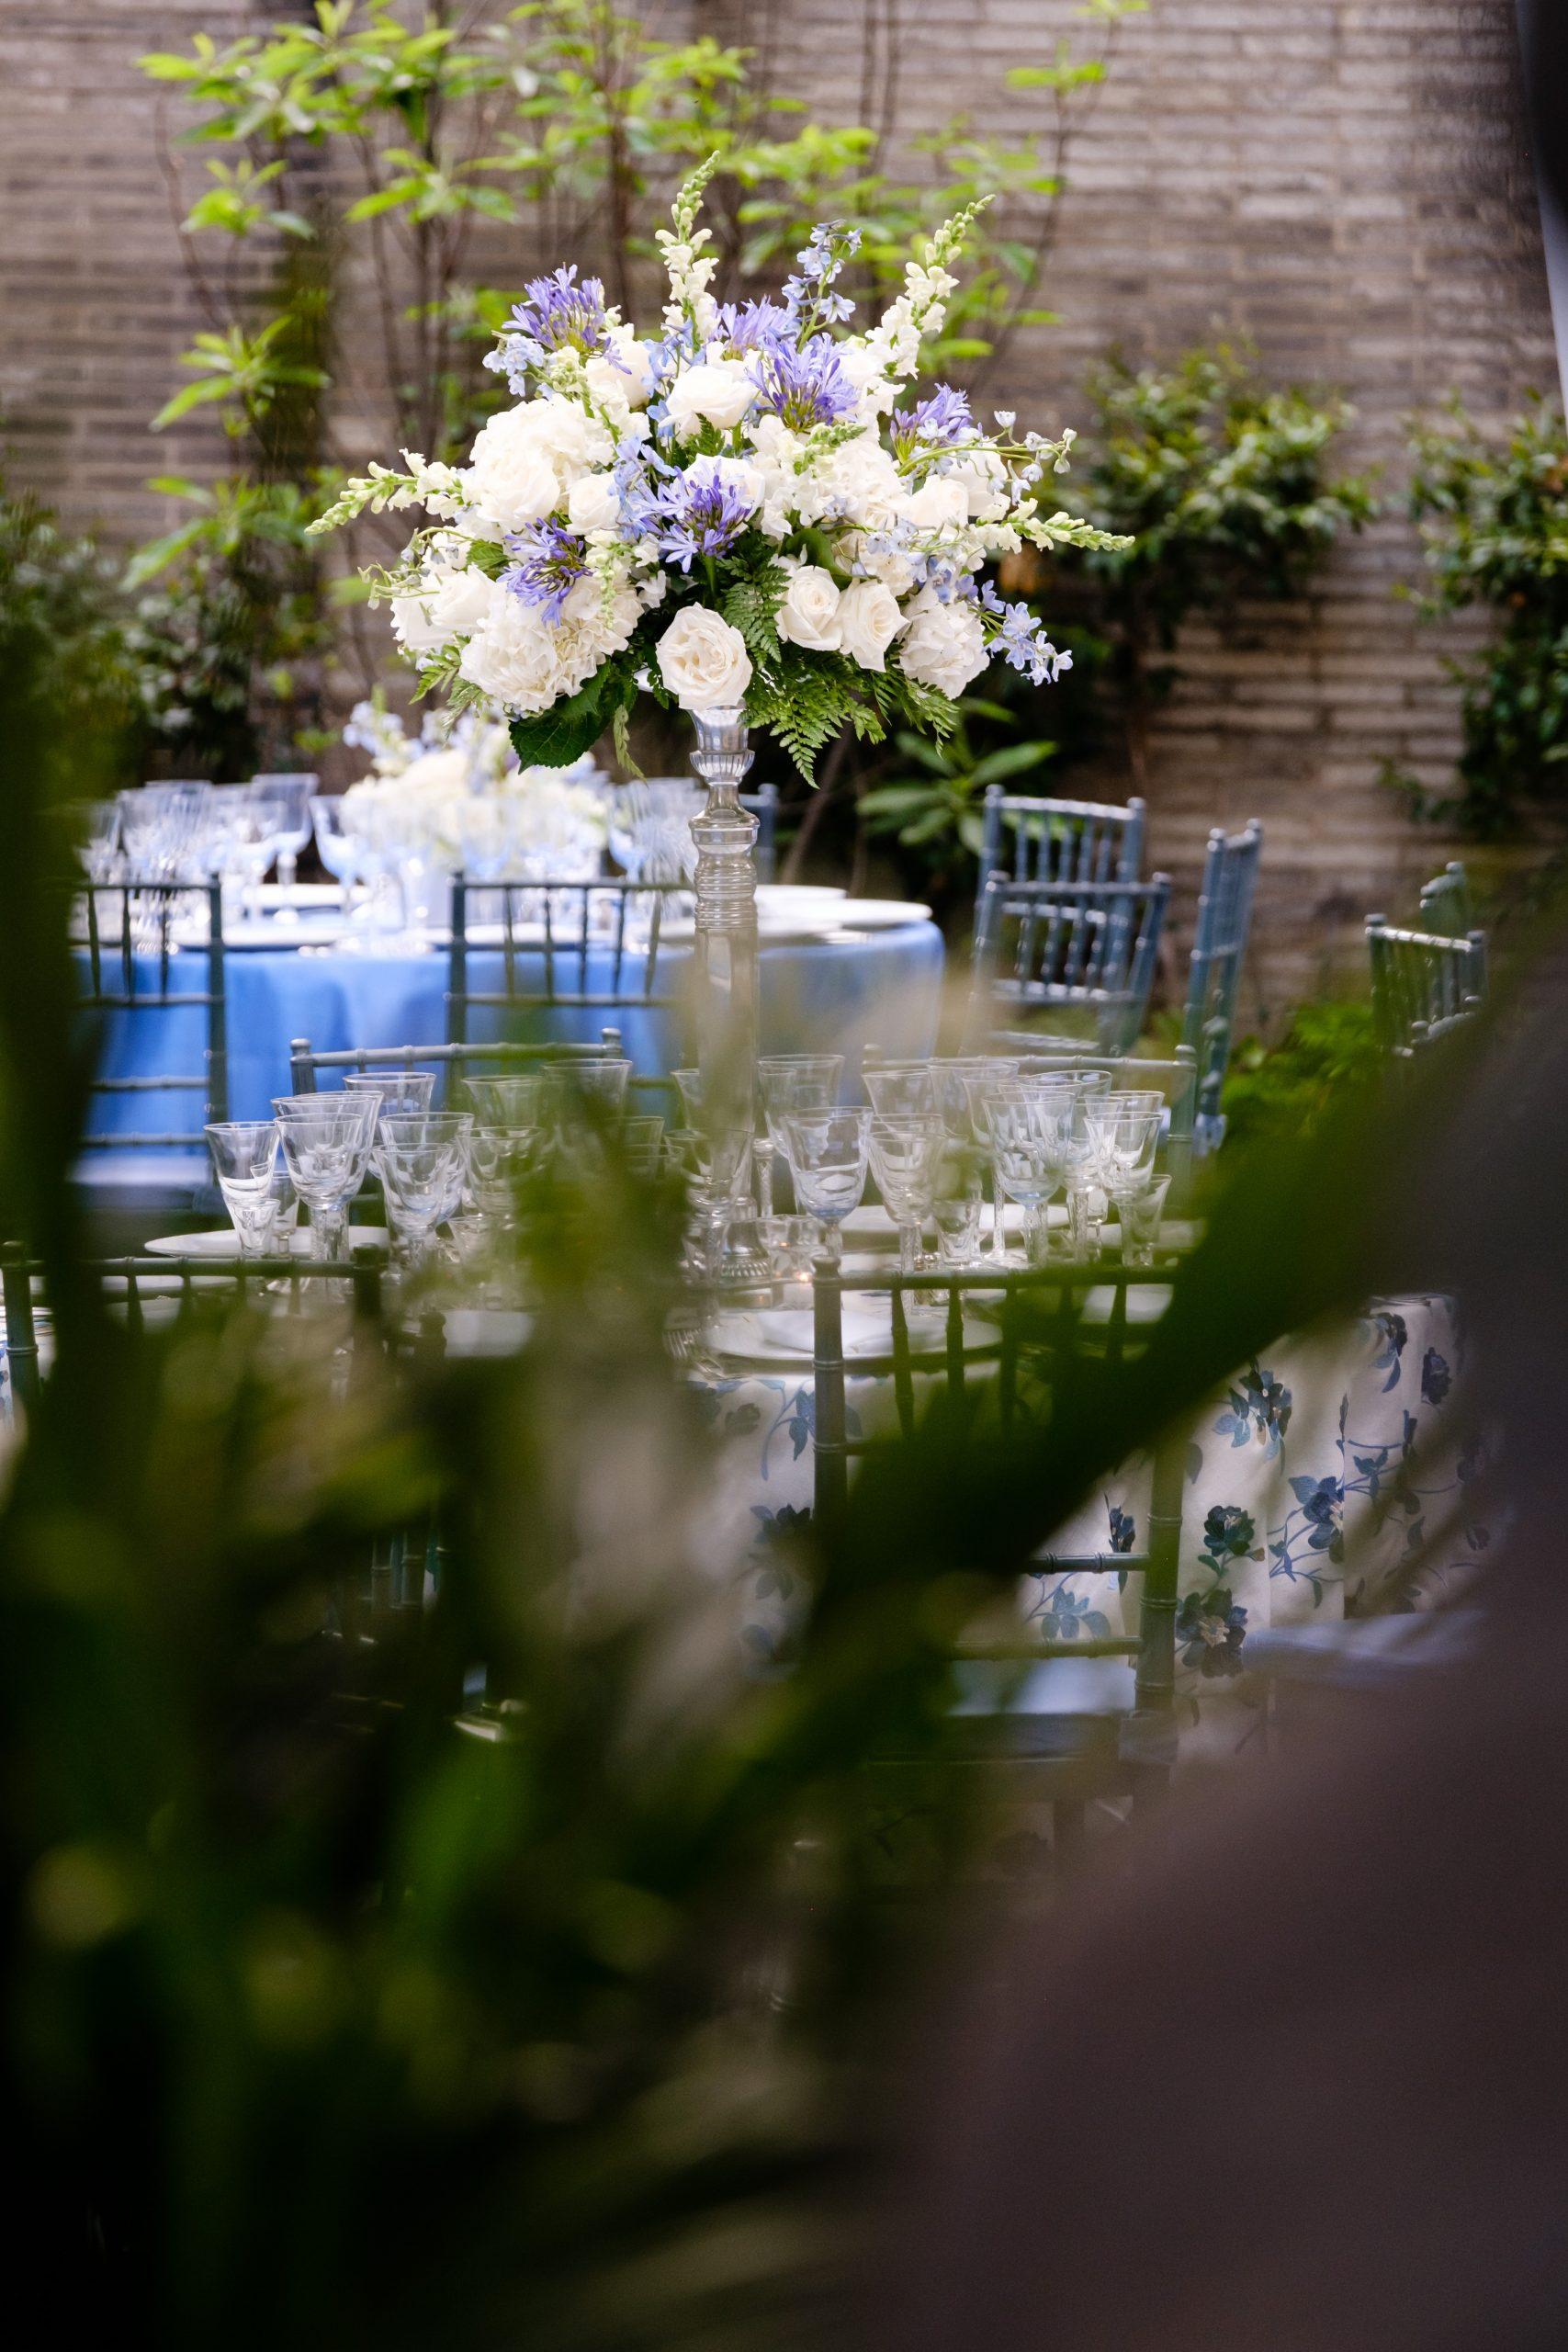 Garden dinner setting. Photo by Egomedia.